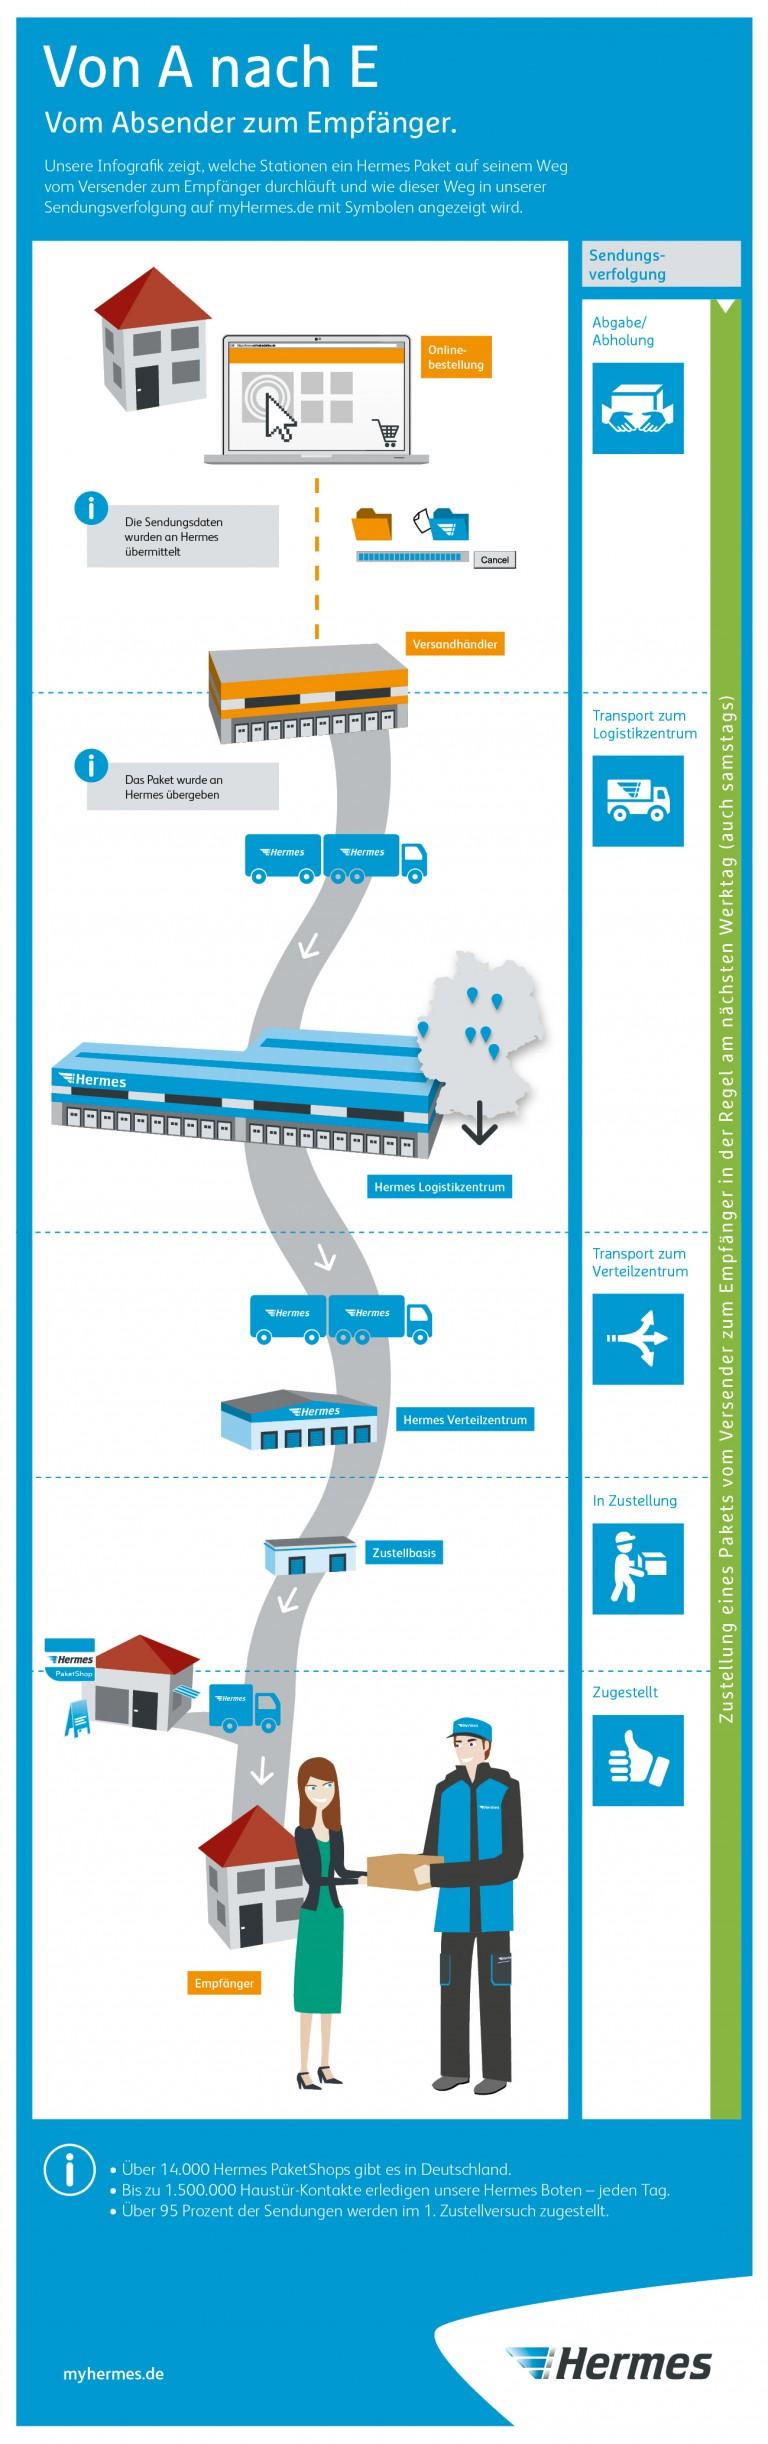 Hermes Infografik Sendungsverfolgung Bedeutung der Symbole